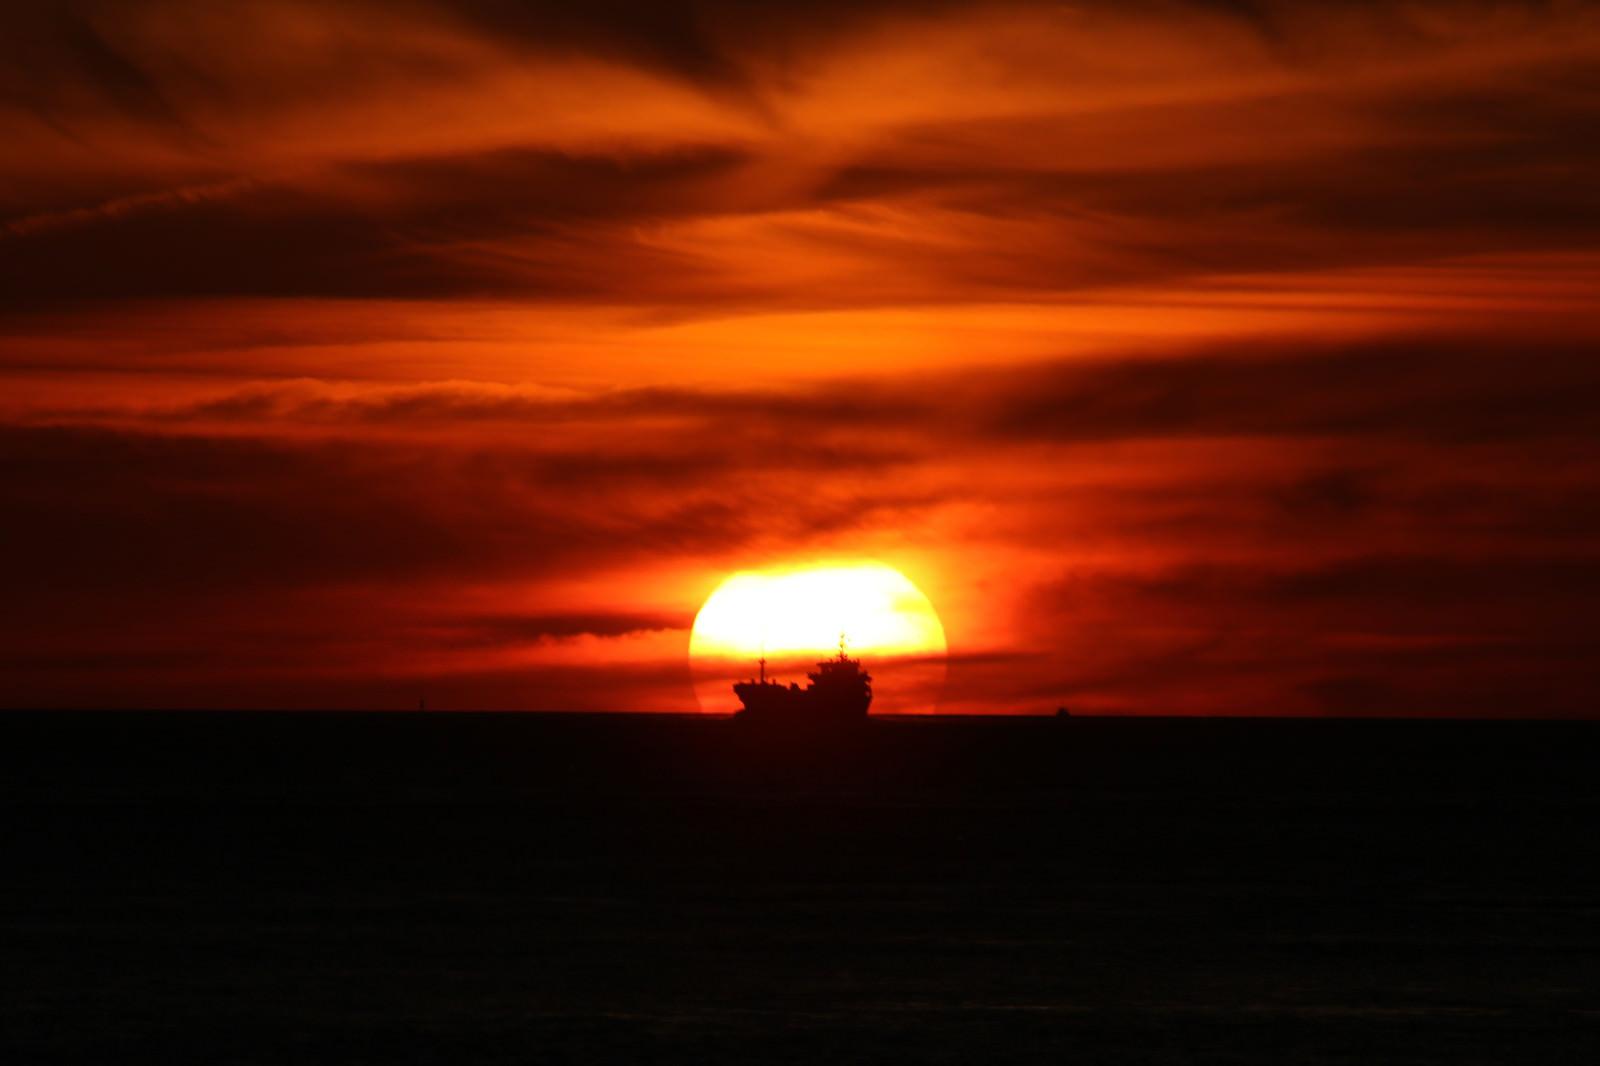 「夕日に染まる空と貨物船のシルエット」の写真